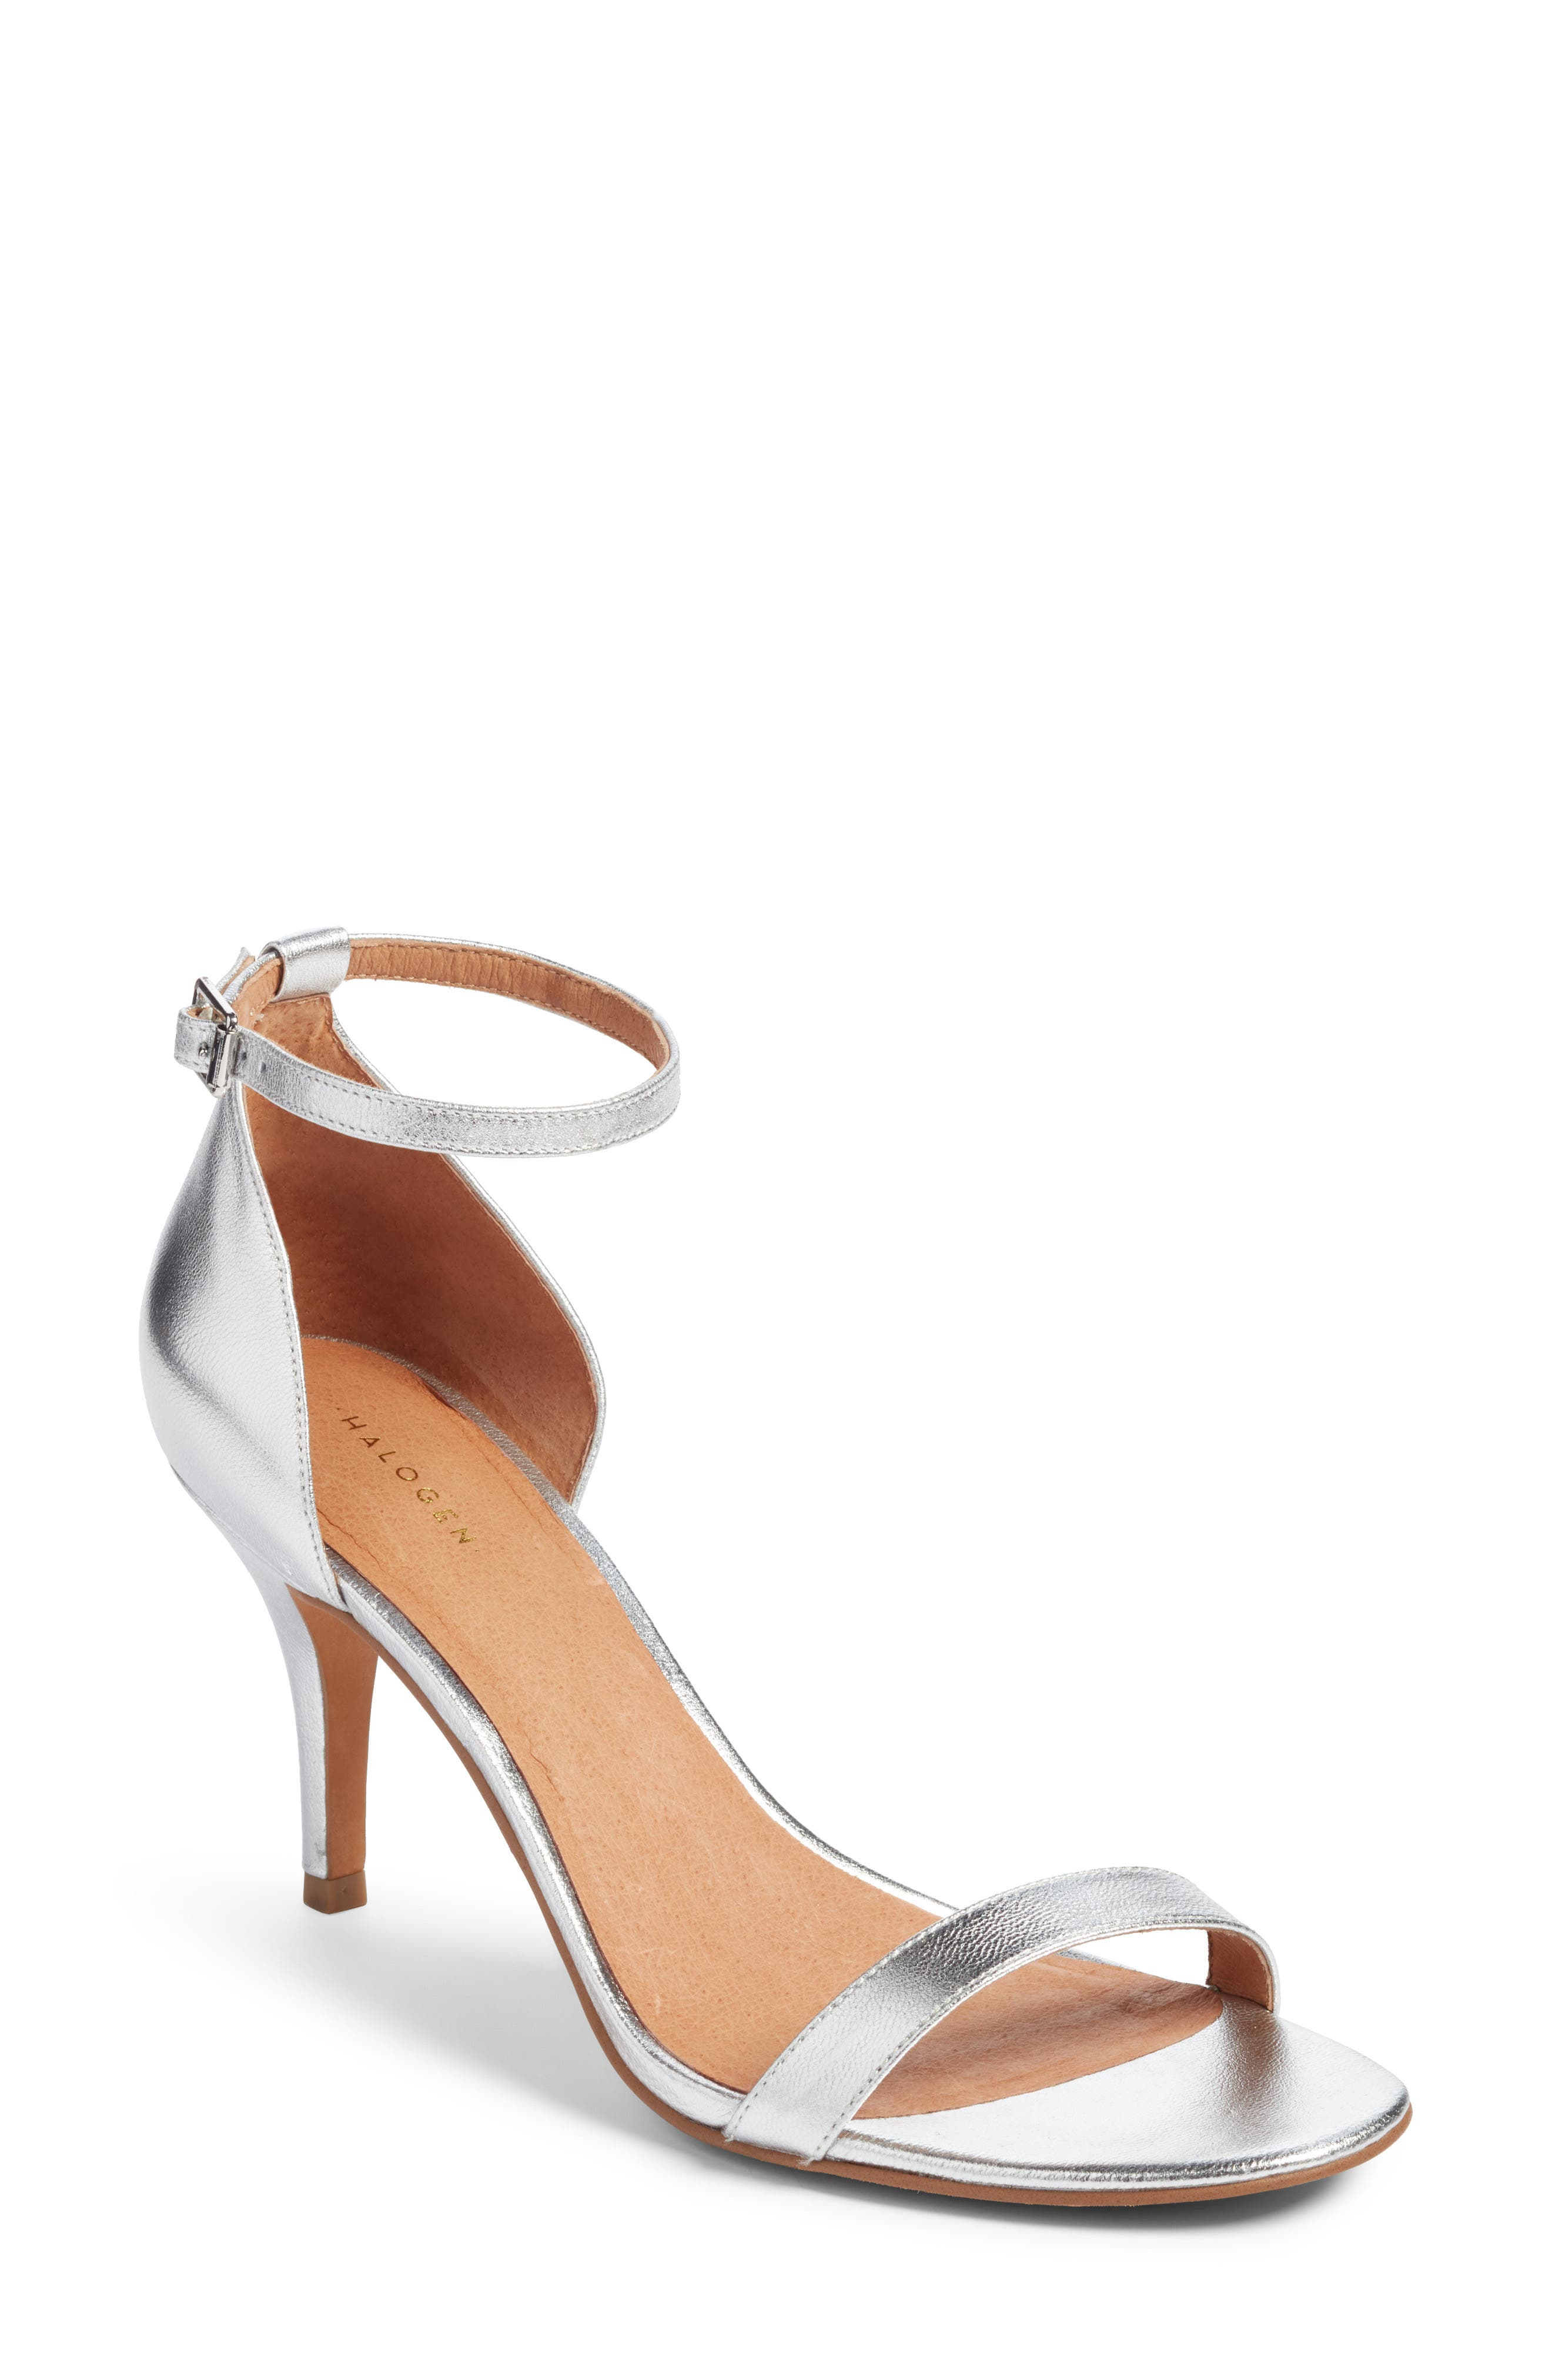 Audrey Ankle Strap Sandal,                             Main thumbnail 4, color,